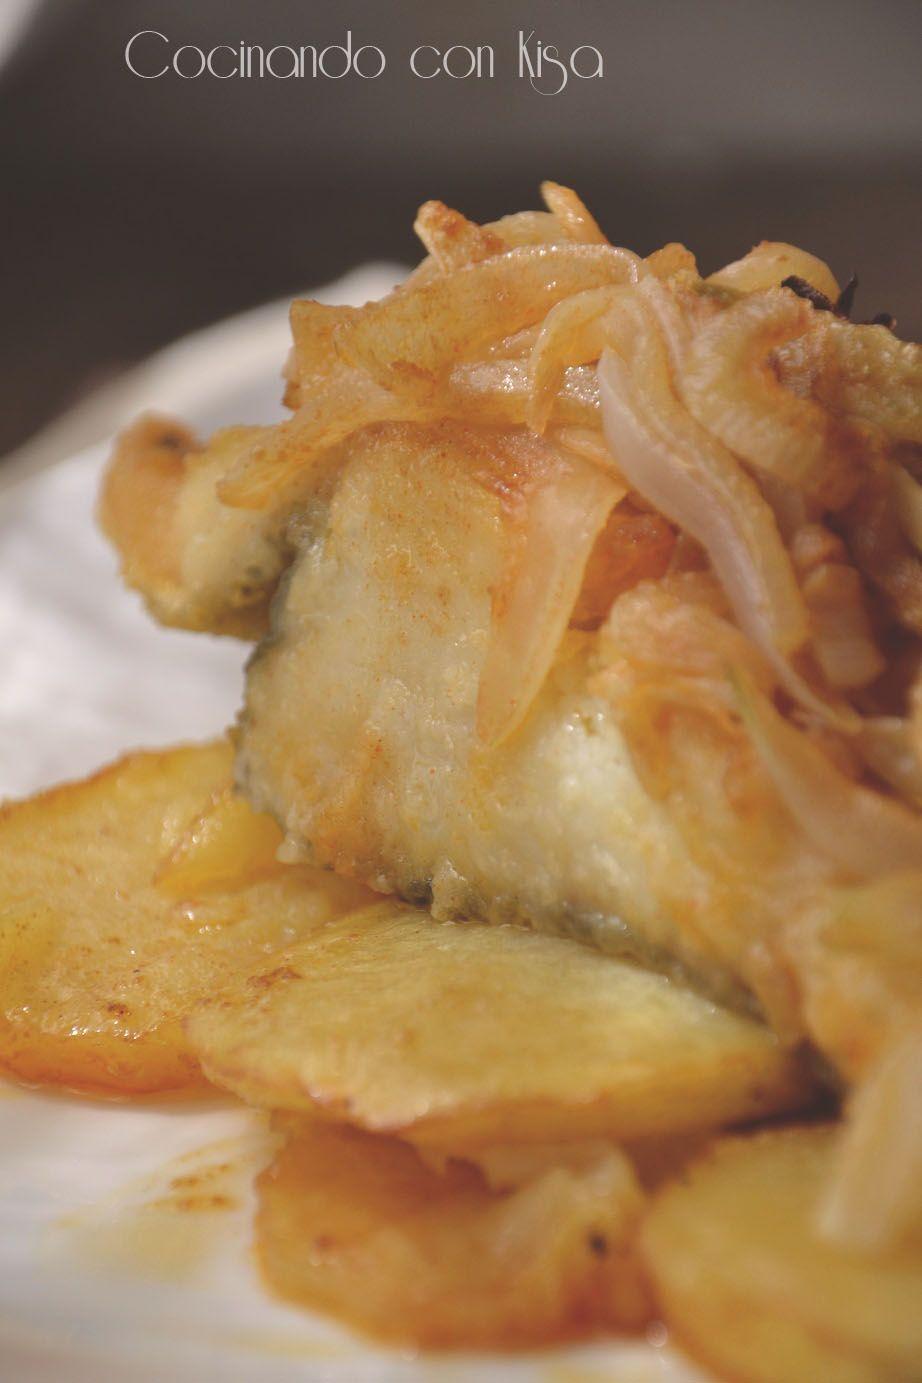 Bacalao a la portuguesa cuanto mas sencilla la receta mas deliciosa es congelados aurelio - Cocinar bacalao congelado ...